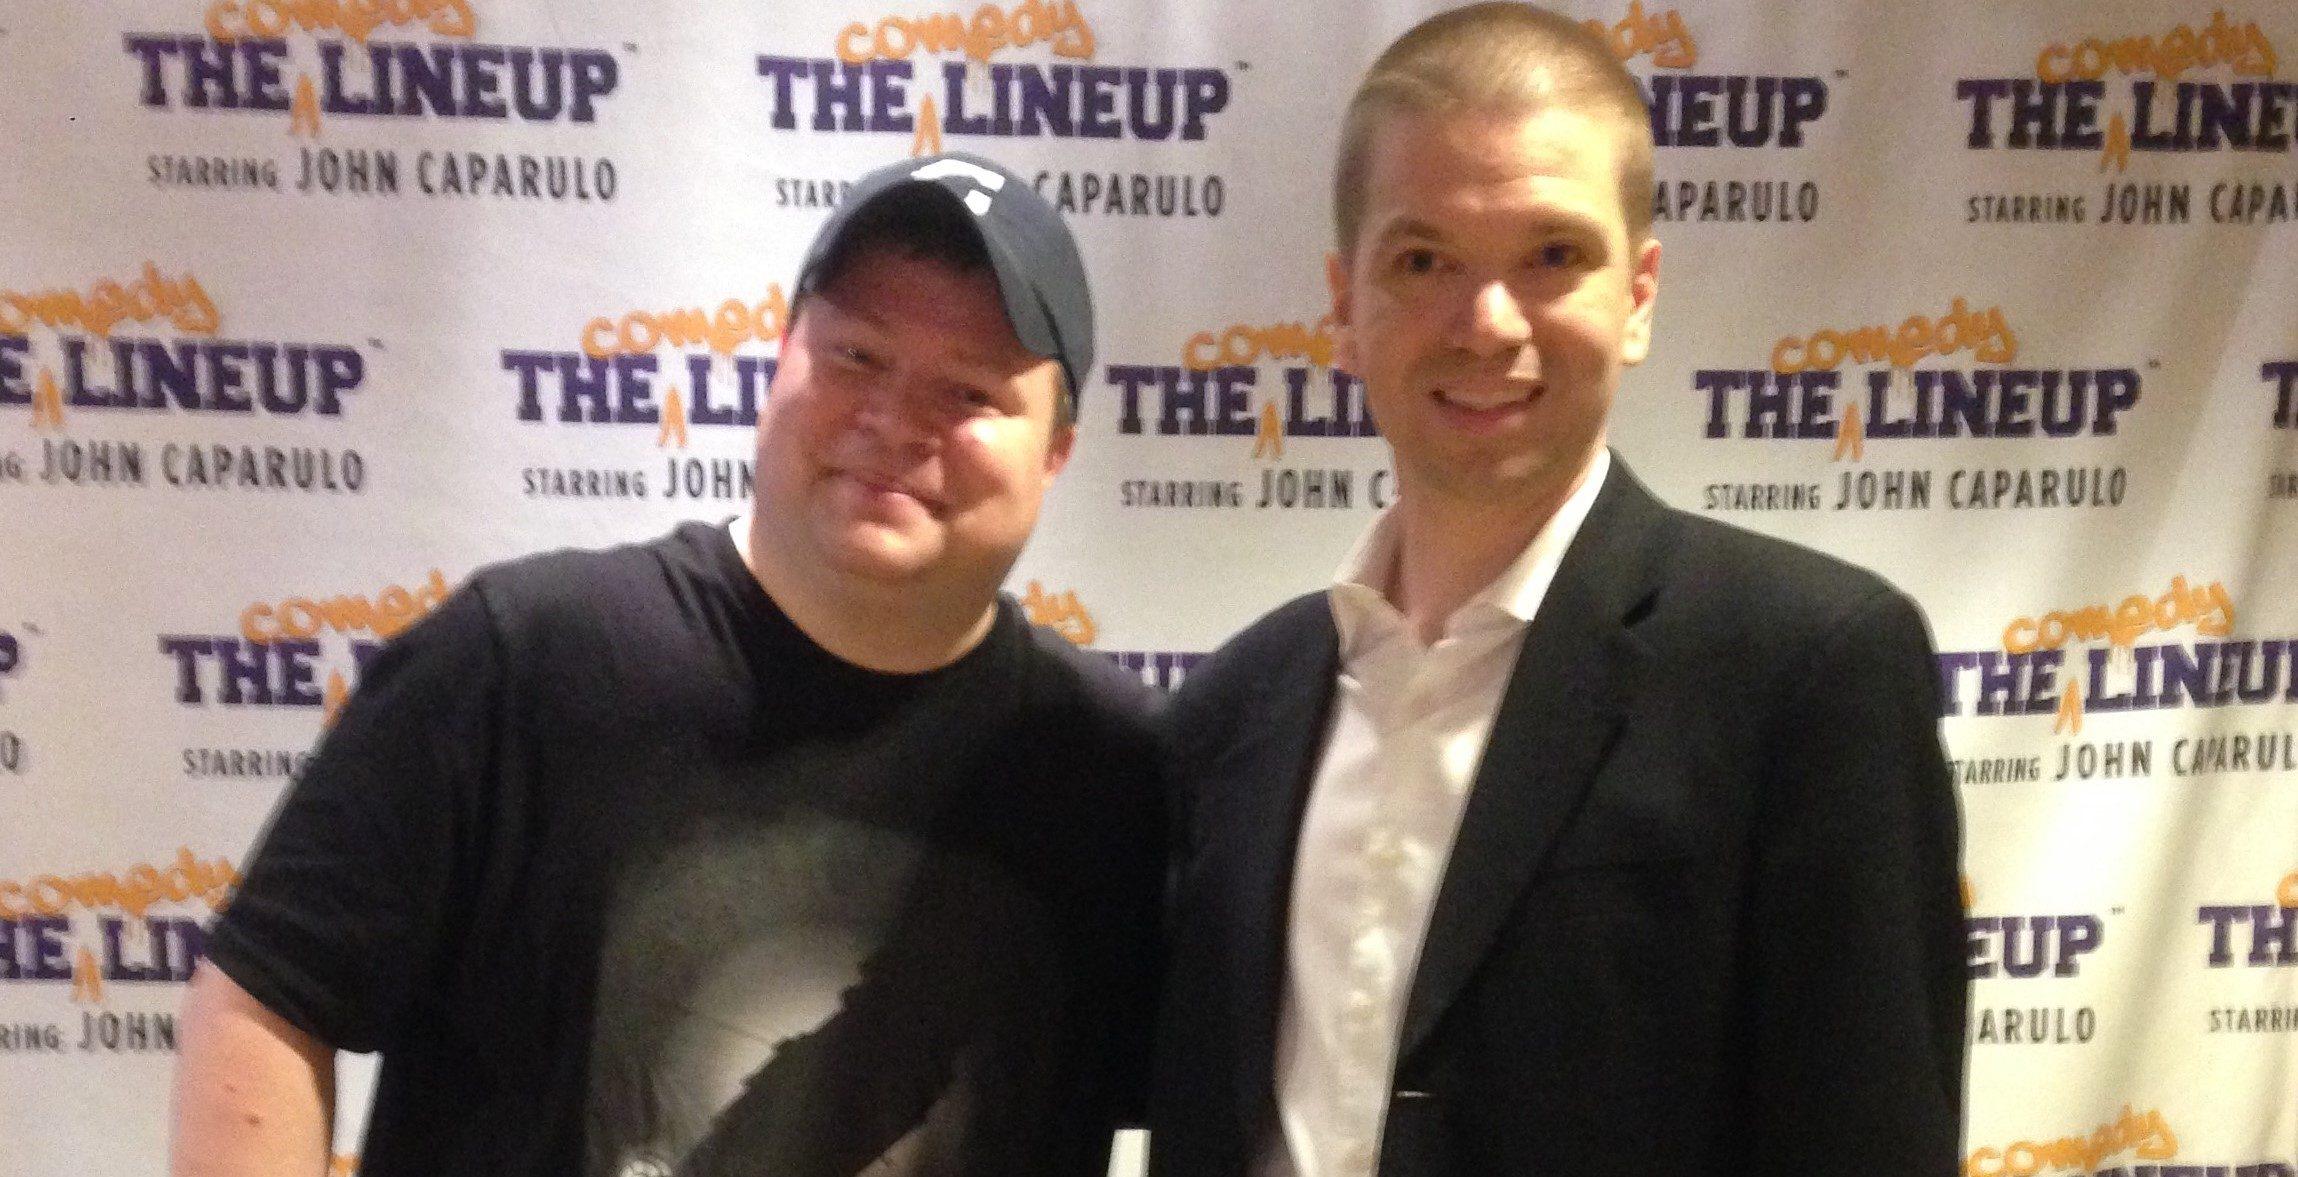 John Caparulo, John Caparulo Las Vegas, Chris Yandek, John Caparulo 2019, Las Vegas Comedy 2019, John Caparulo Las Vegas Show